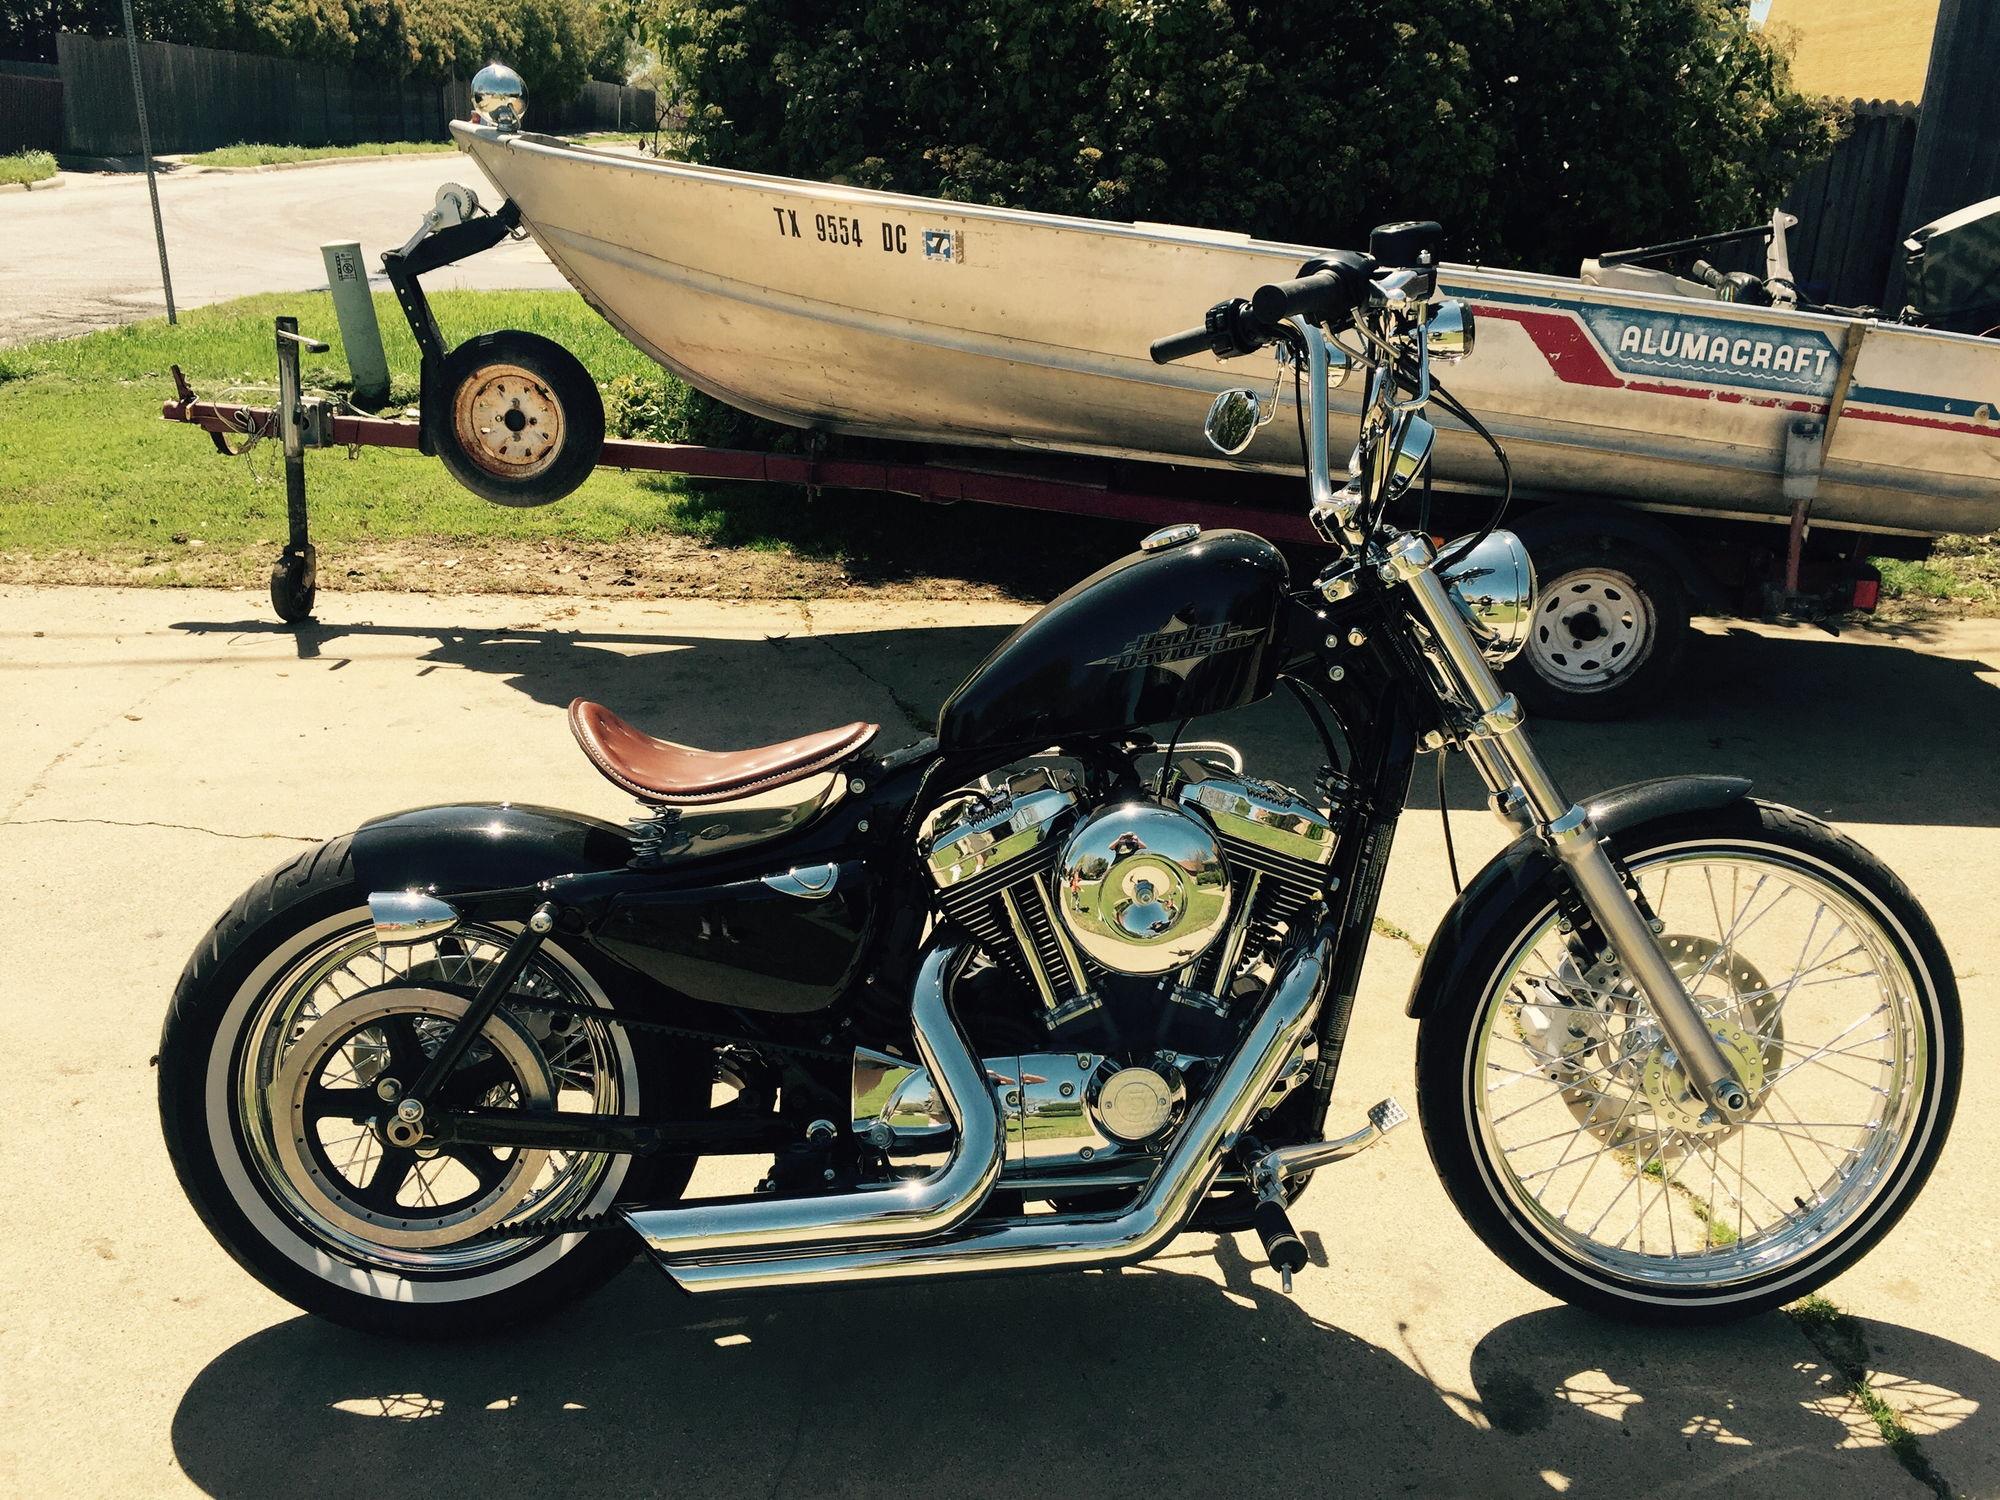 72 bobber - Harley Davidson Forums